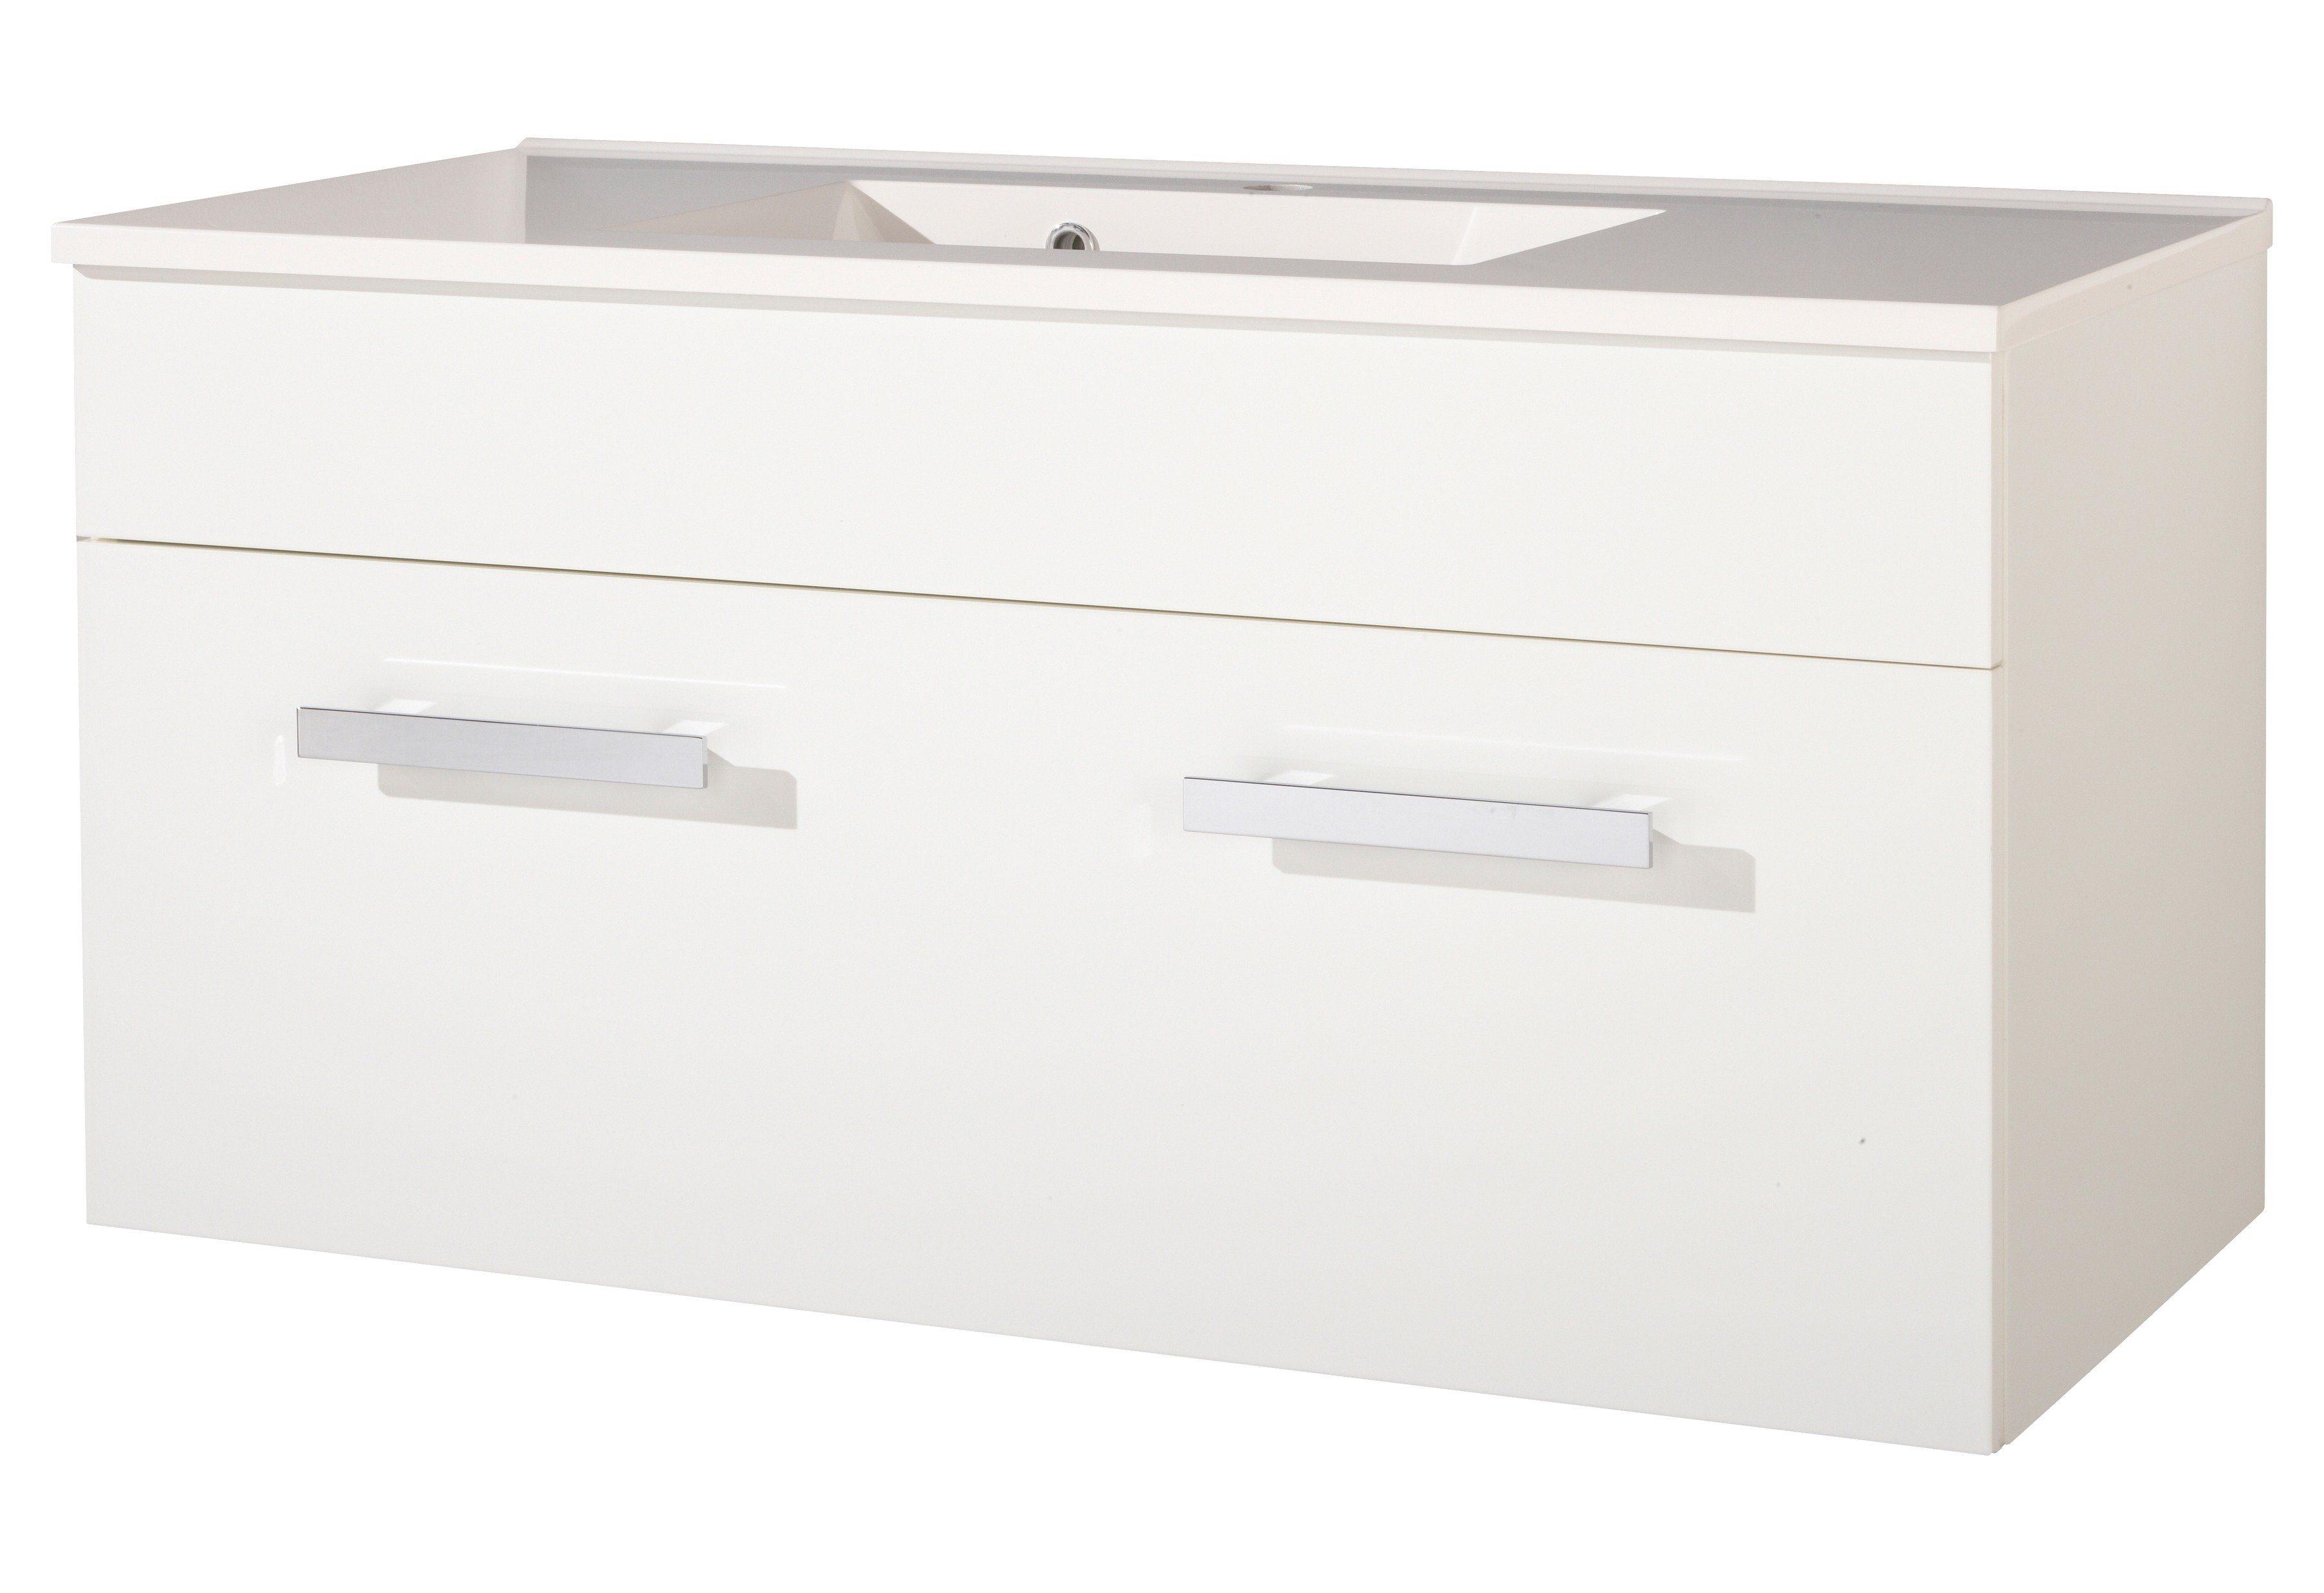 Kesper Waschtisch »Ibiza«, Breite 100 cm, (2-tlg.)